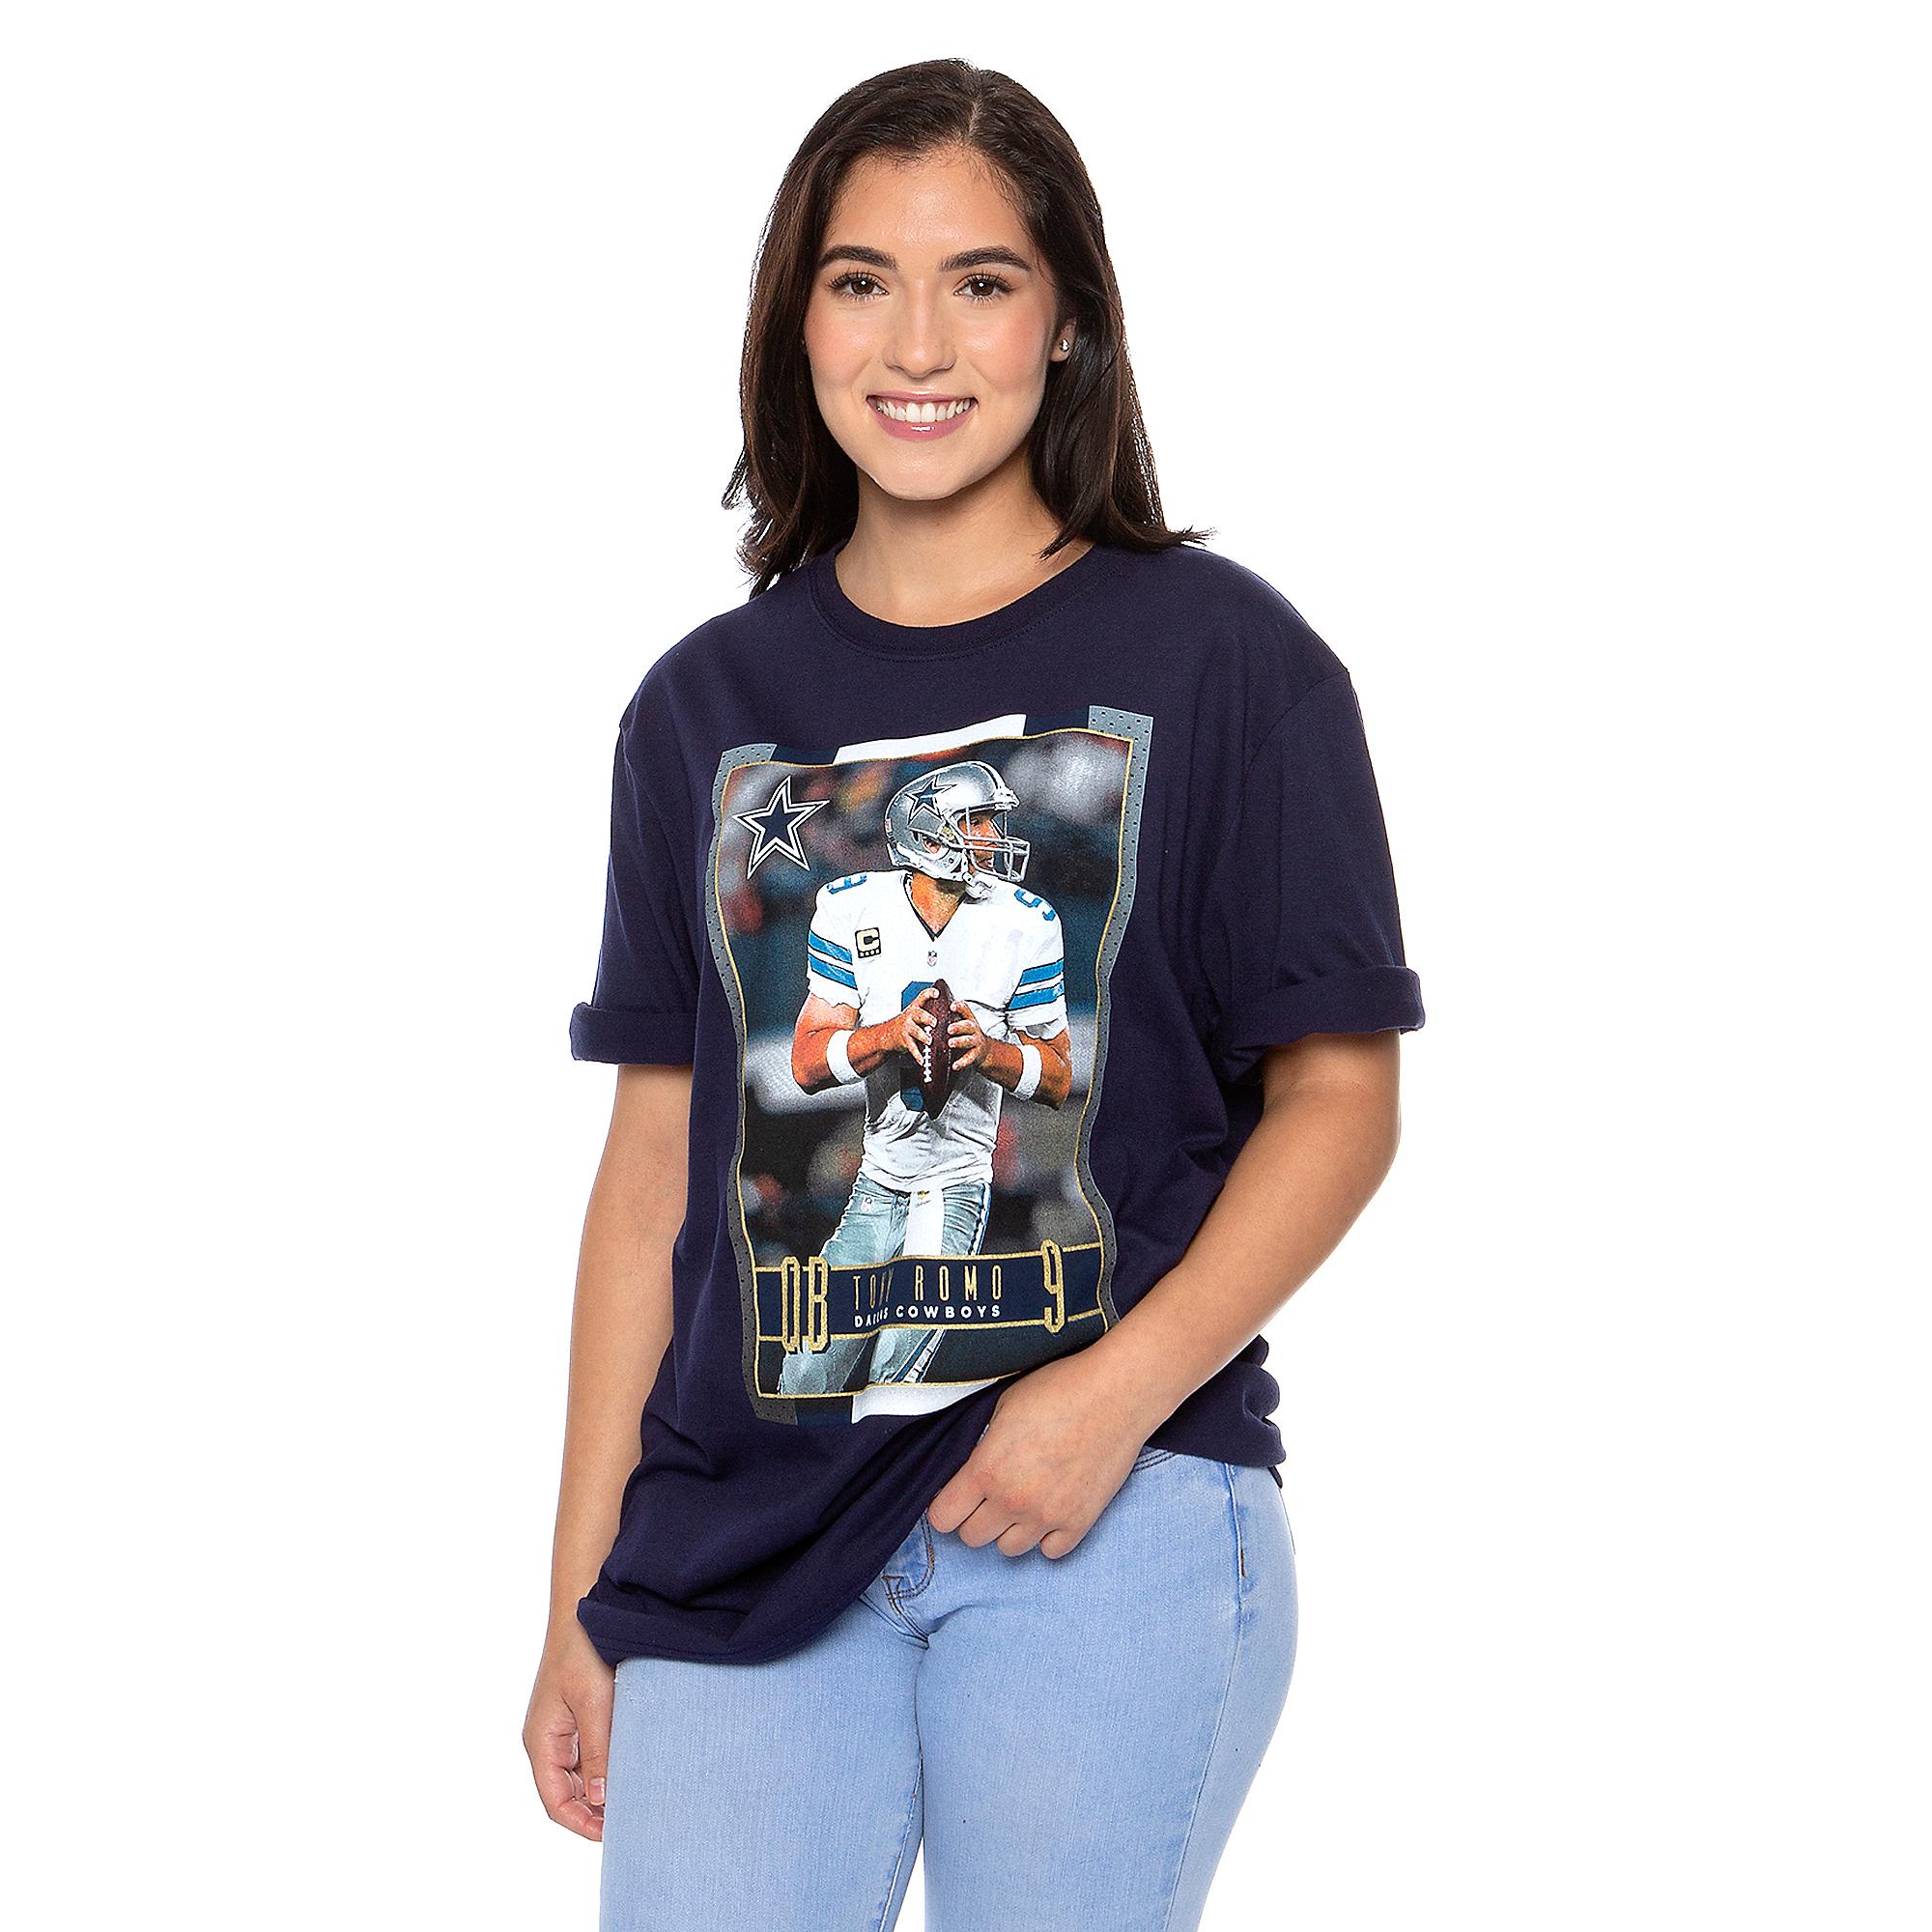 Dallas Cowboys America's Team Tony Romo #9 T-Shirt